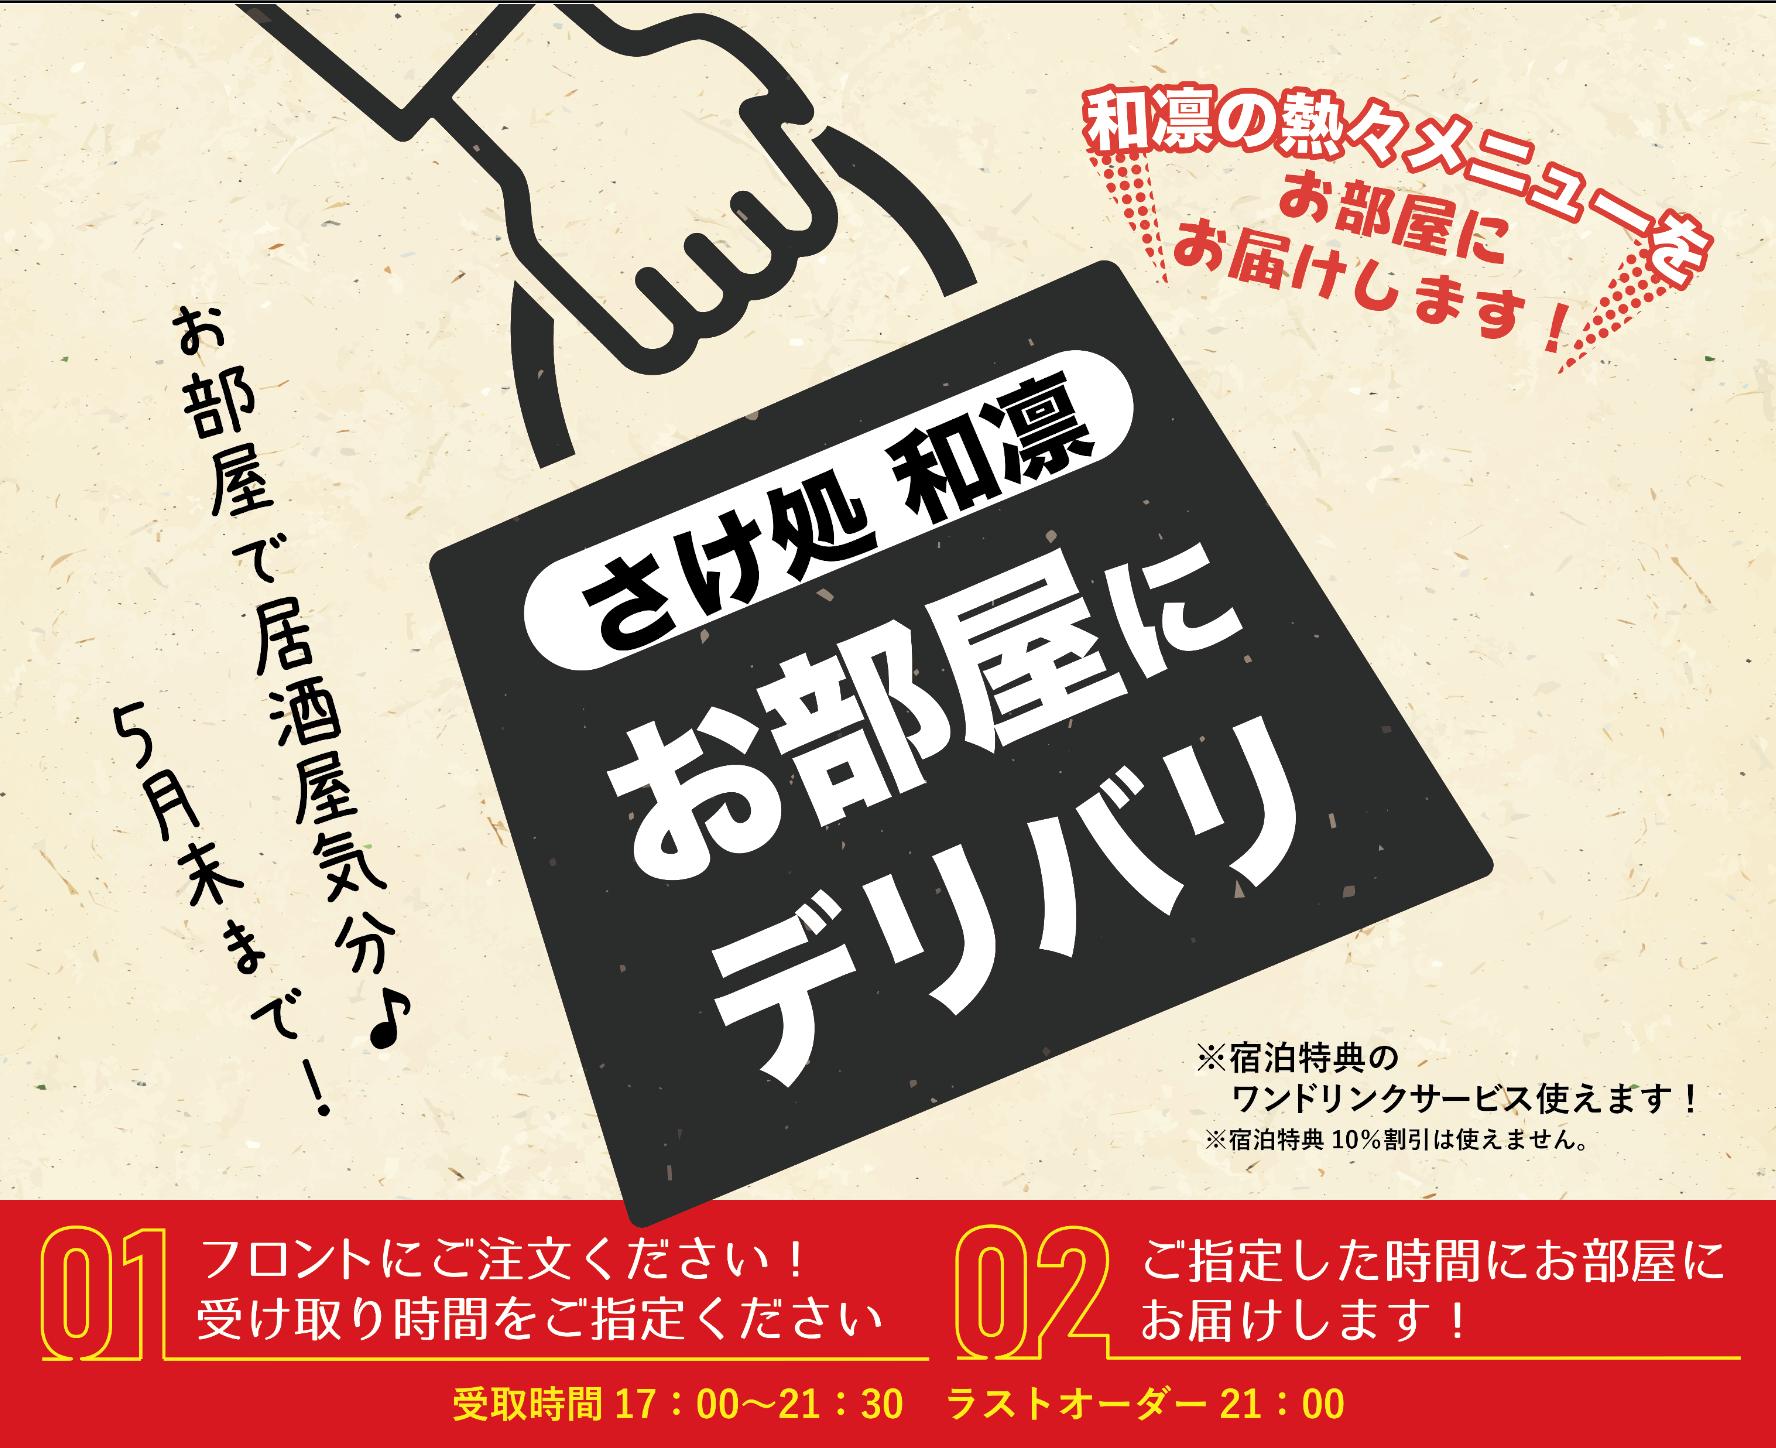 横手プラザホテル・和凛で「お部屋にデリバリ」開始!